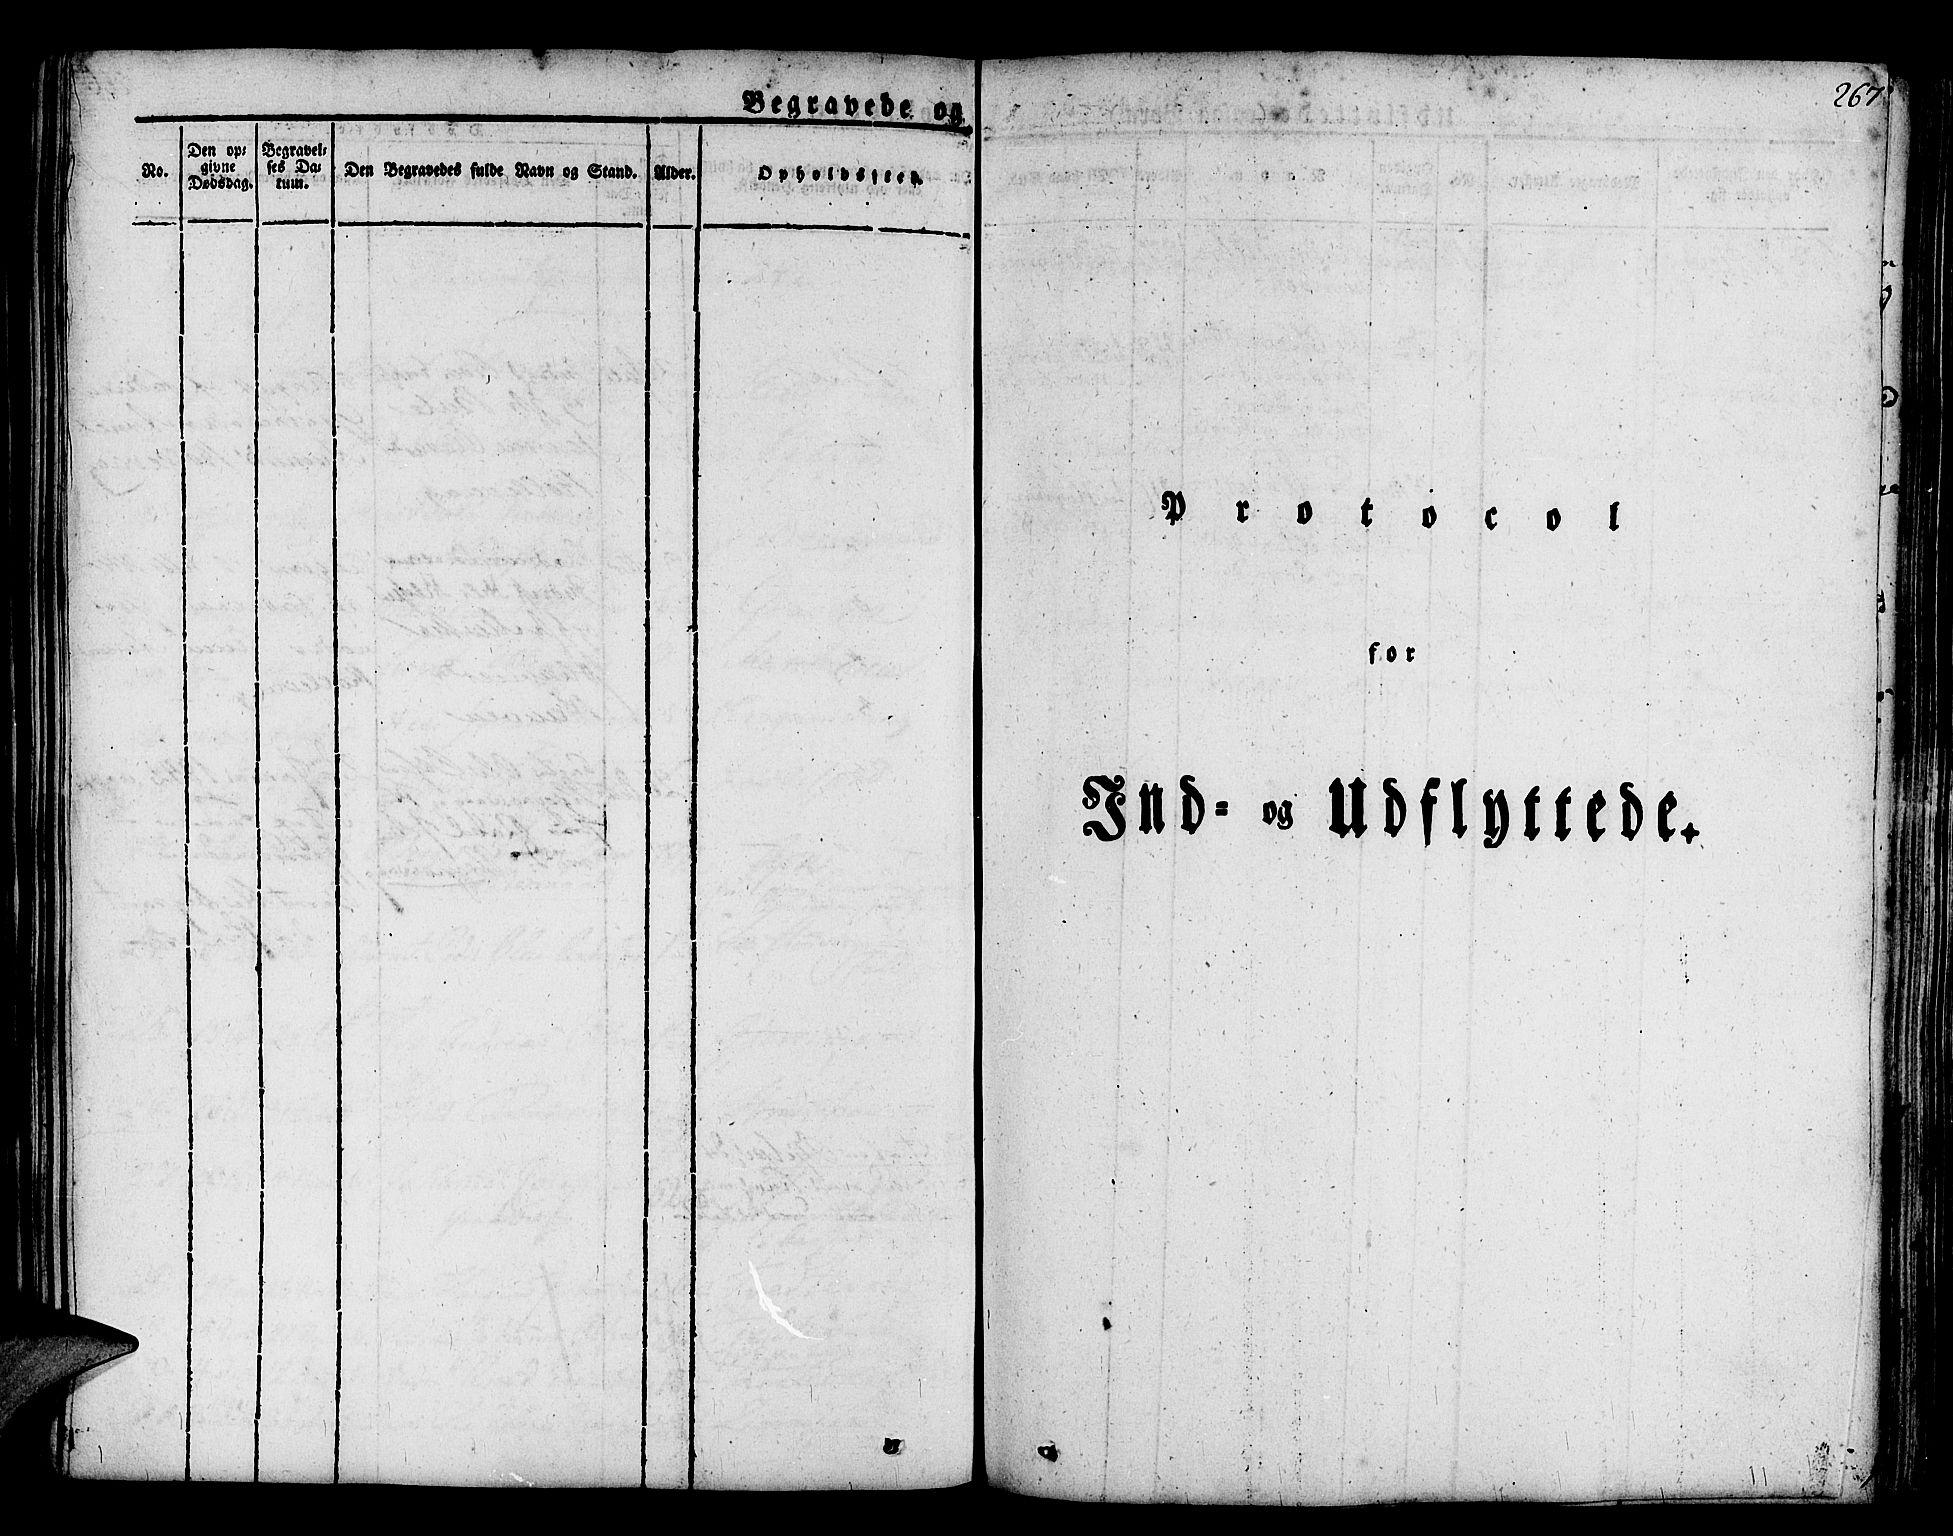 SAB, Askøy Sokneprestembete, H: Ministerialbok nr. A 4, 1825-1845, s. 267